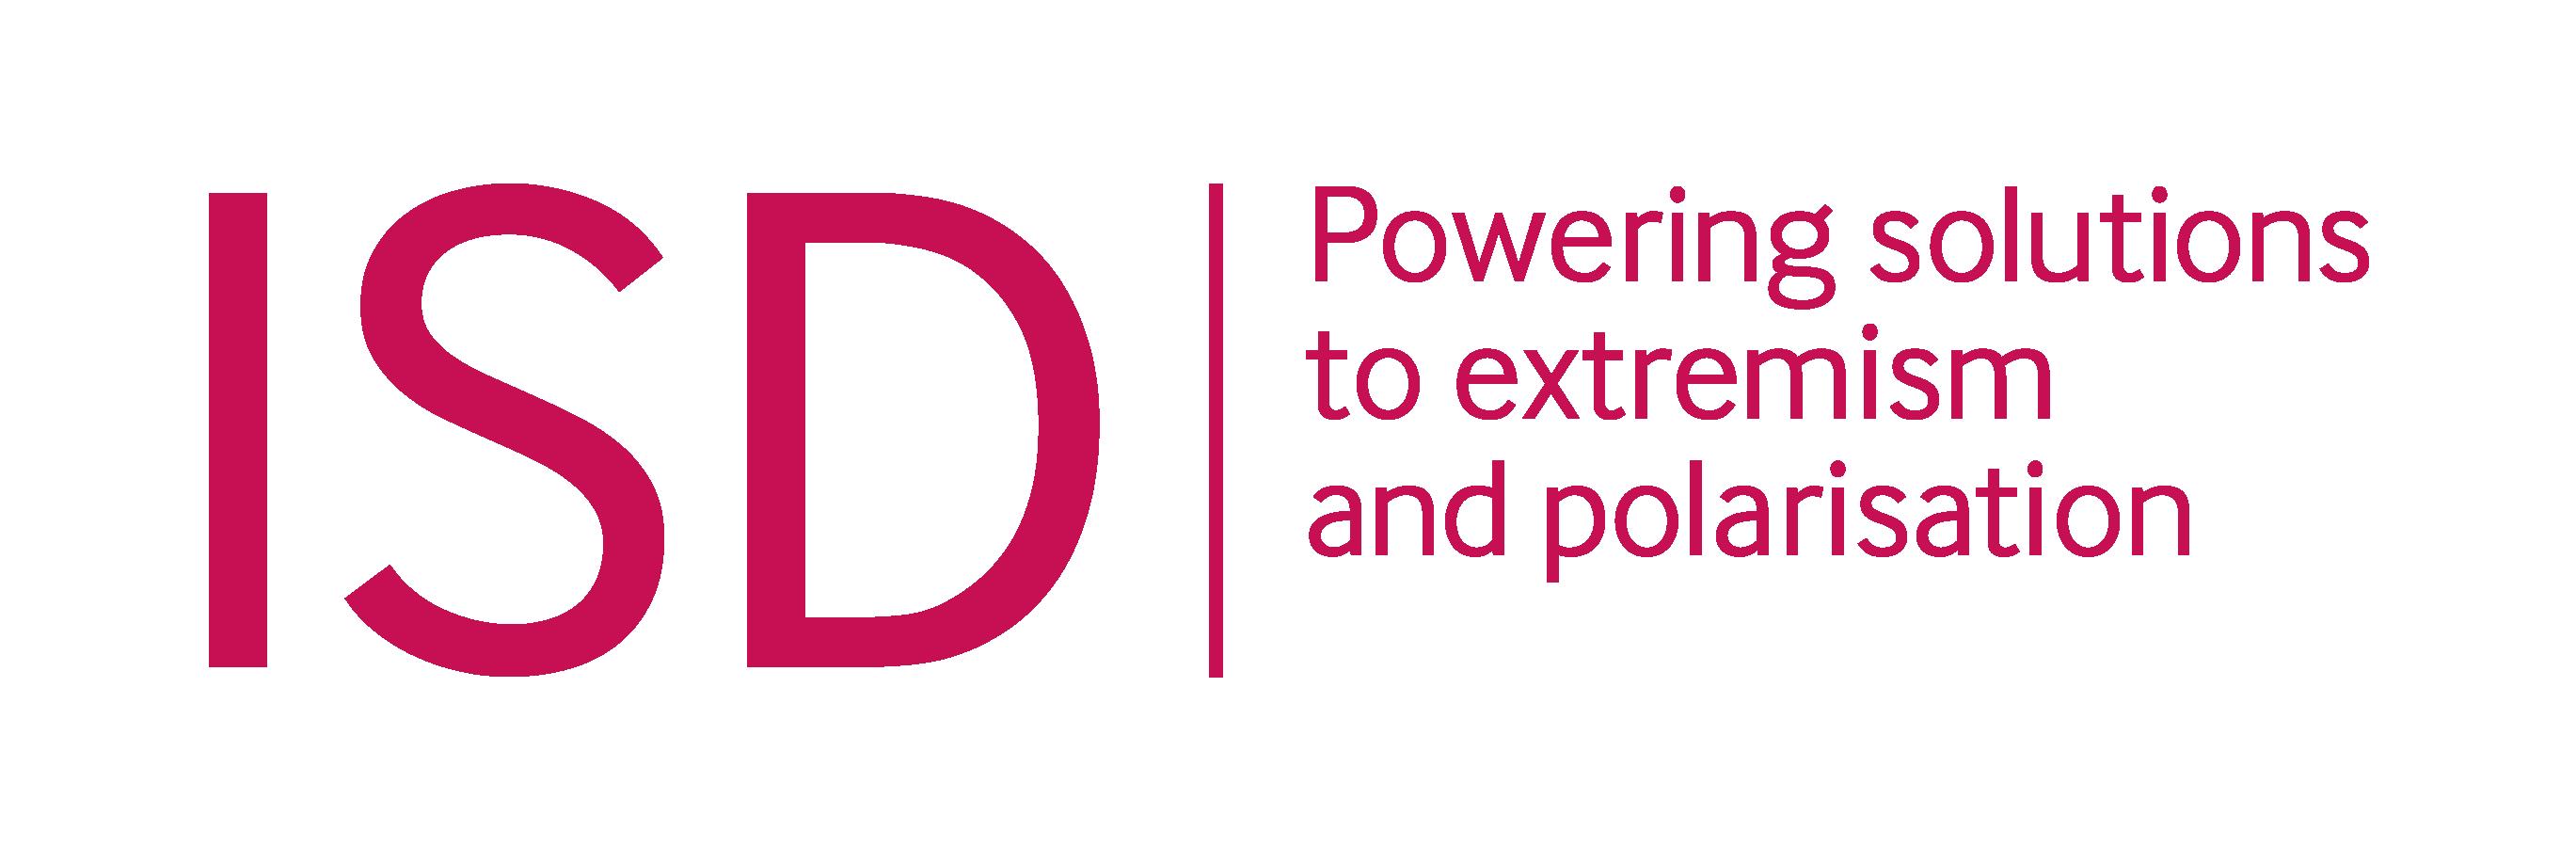 ISD-logo-red